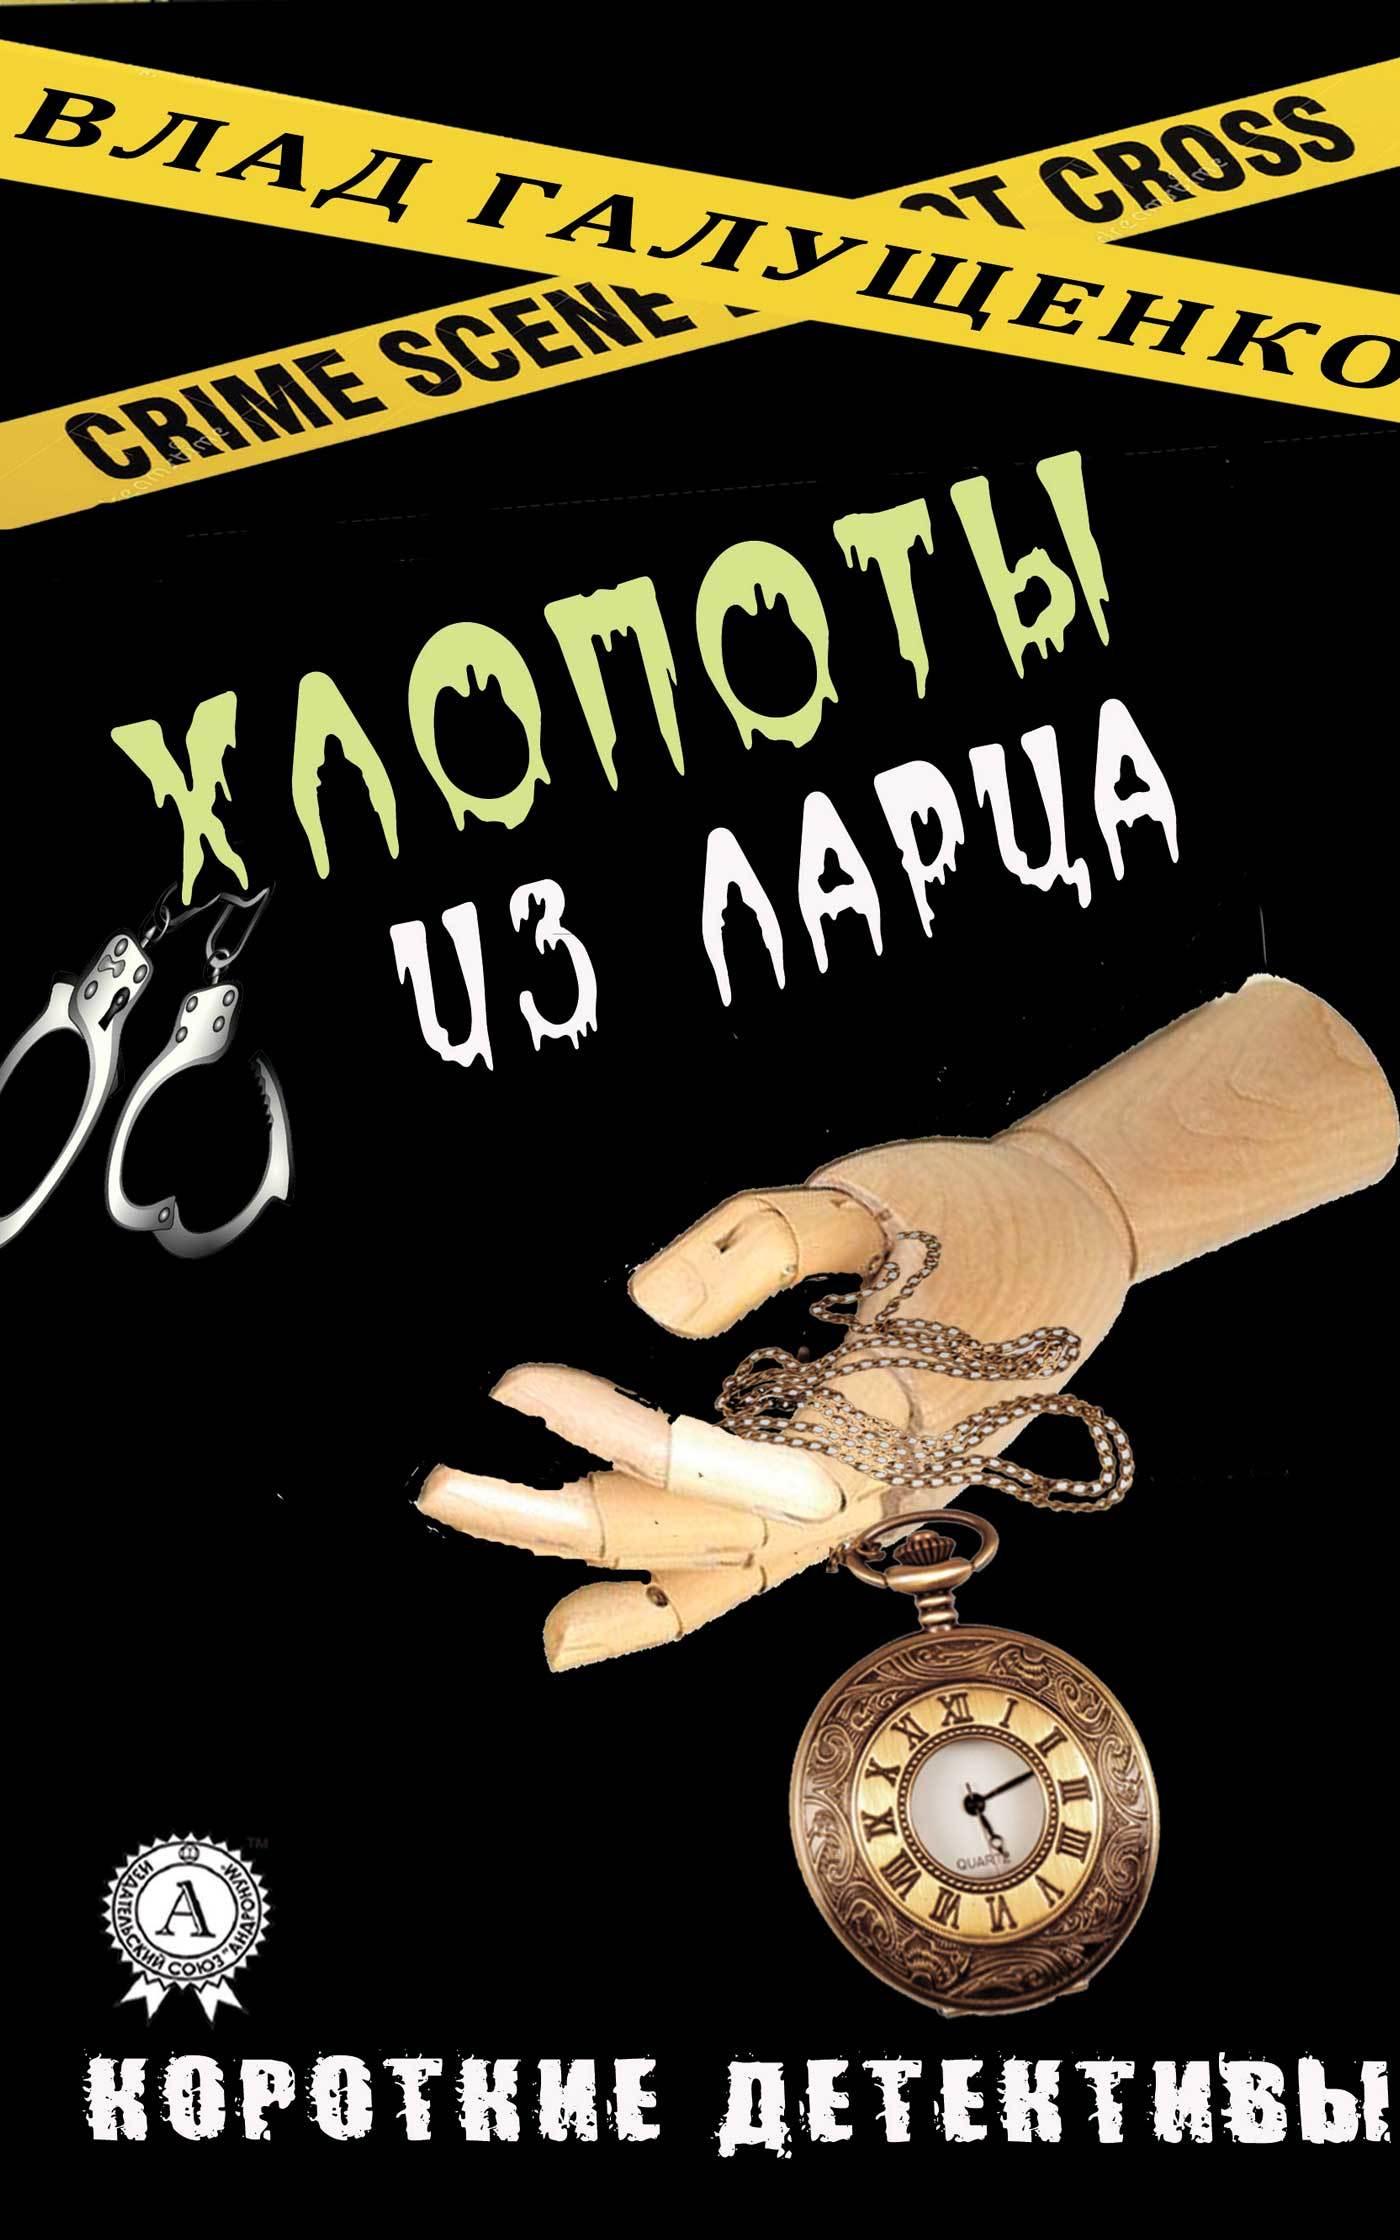 Влад Галущенко Хлопоты из ларца н свечин а чиж в введенский и др скрытые улики сборник исторических детективных рассказов